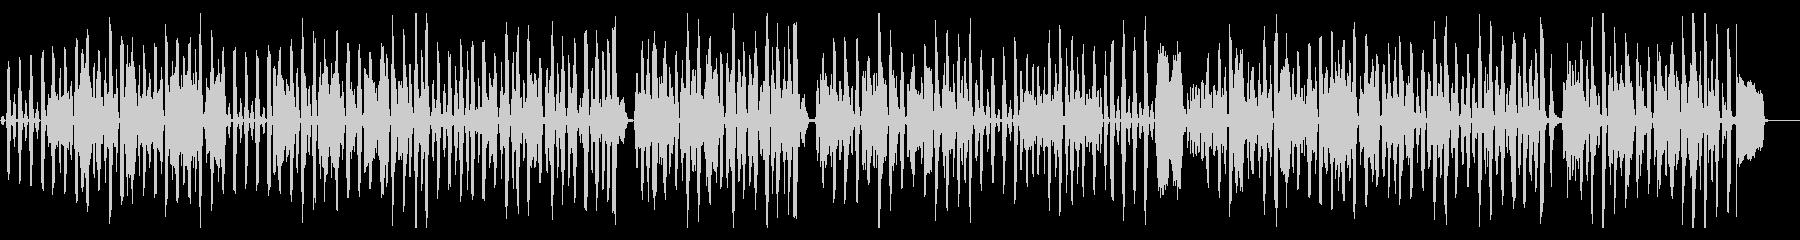 ほのぼの昭和レトロの未再生の波形